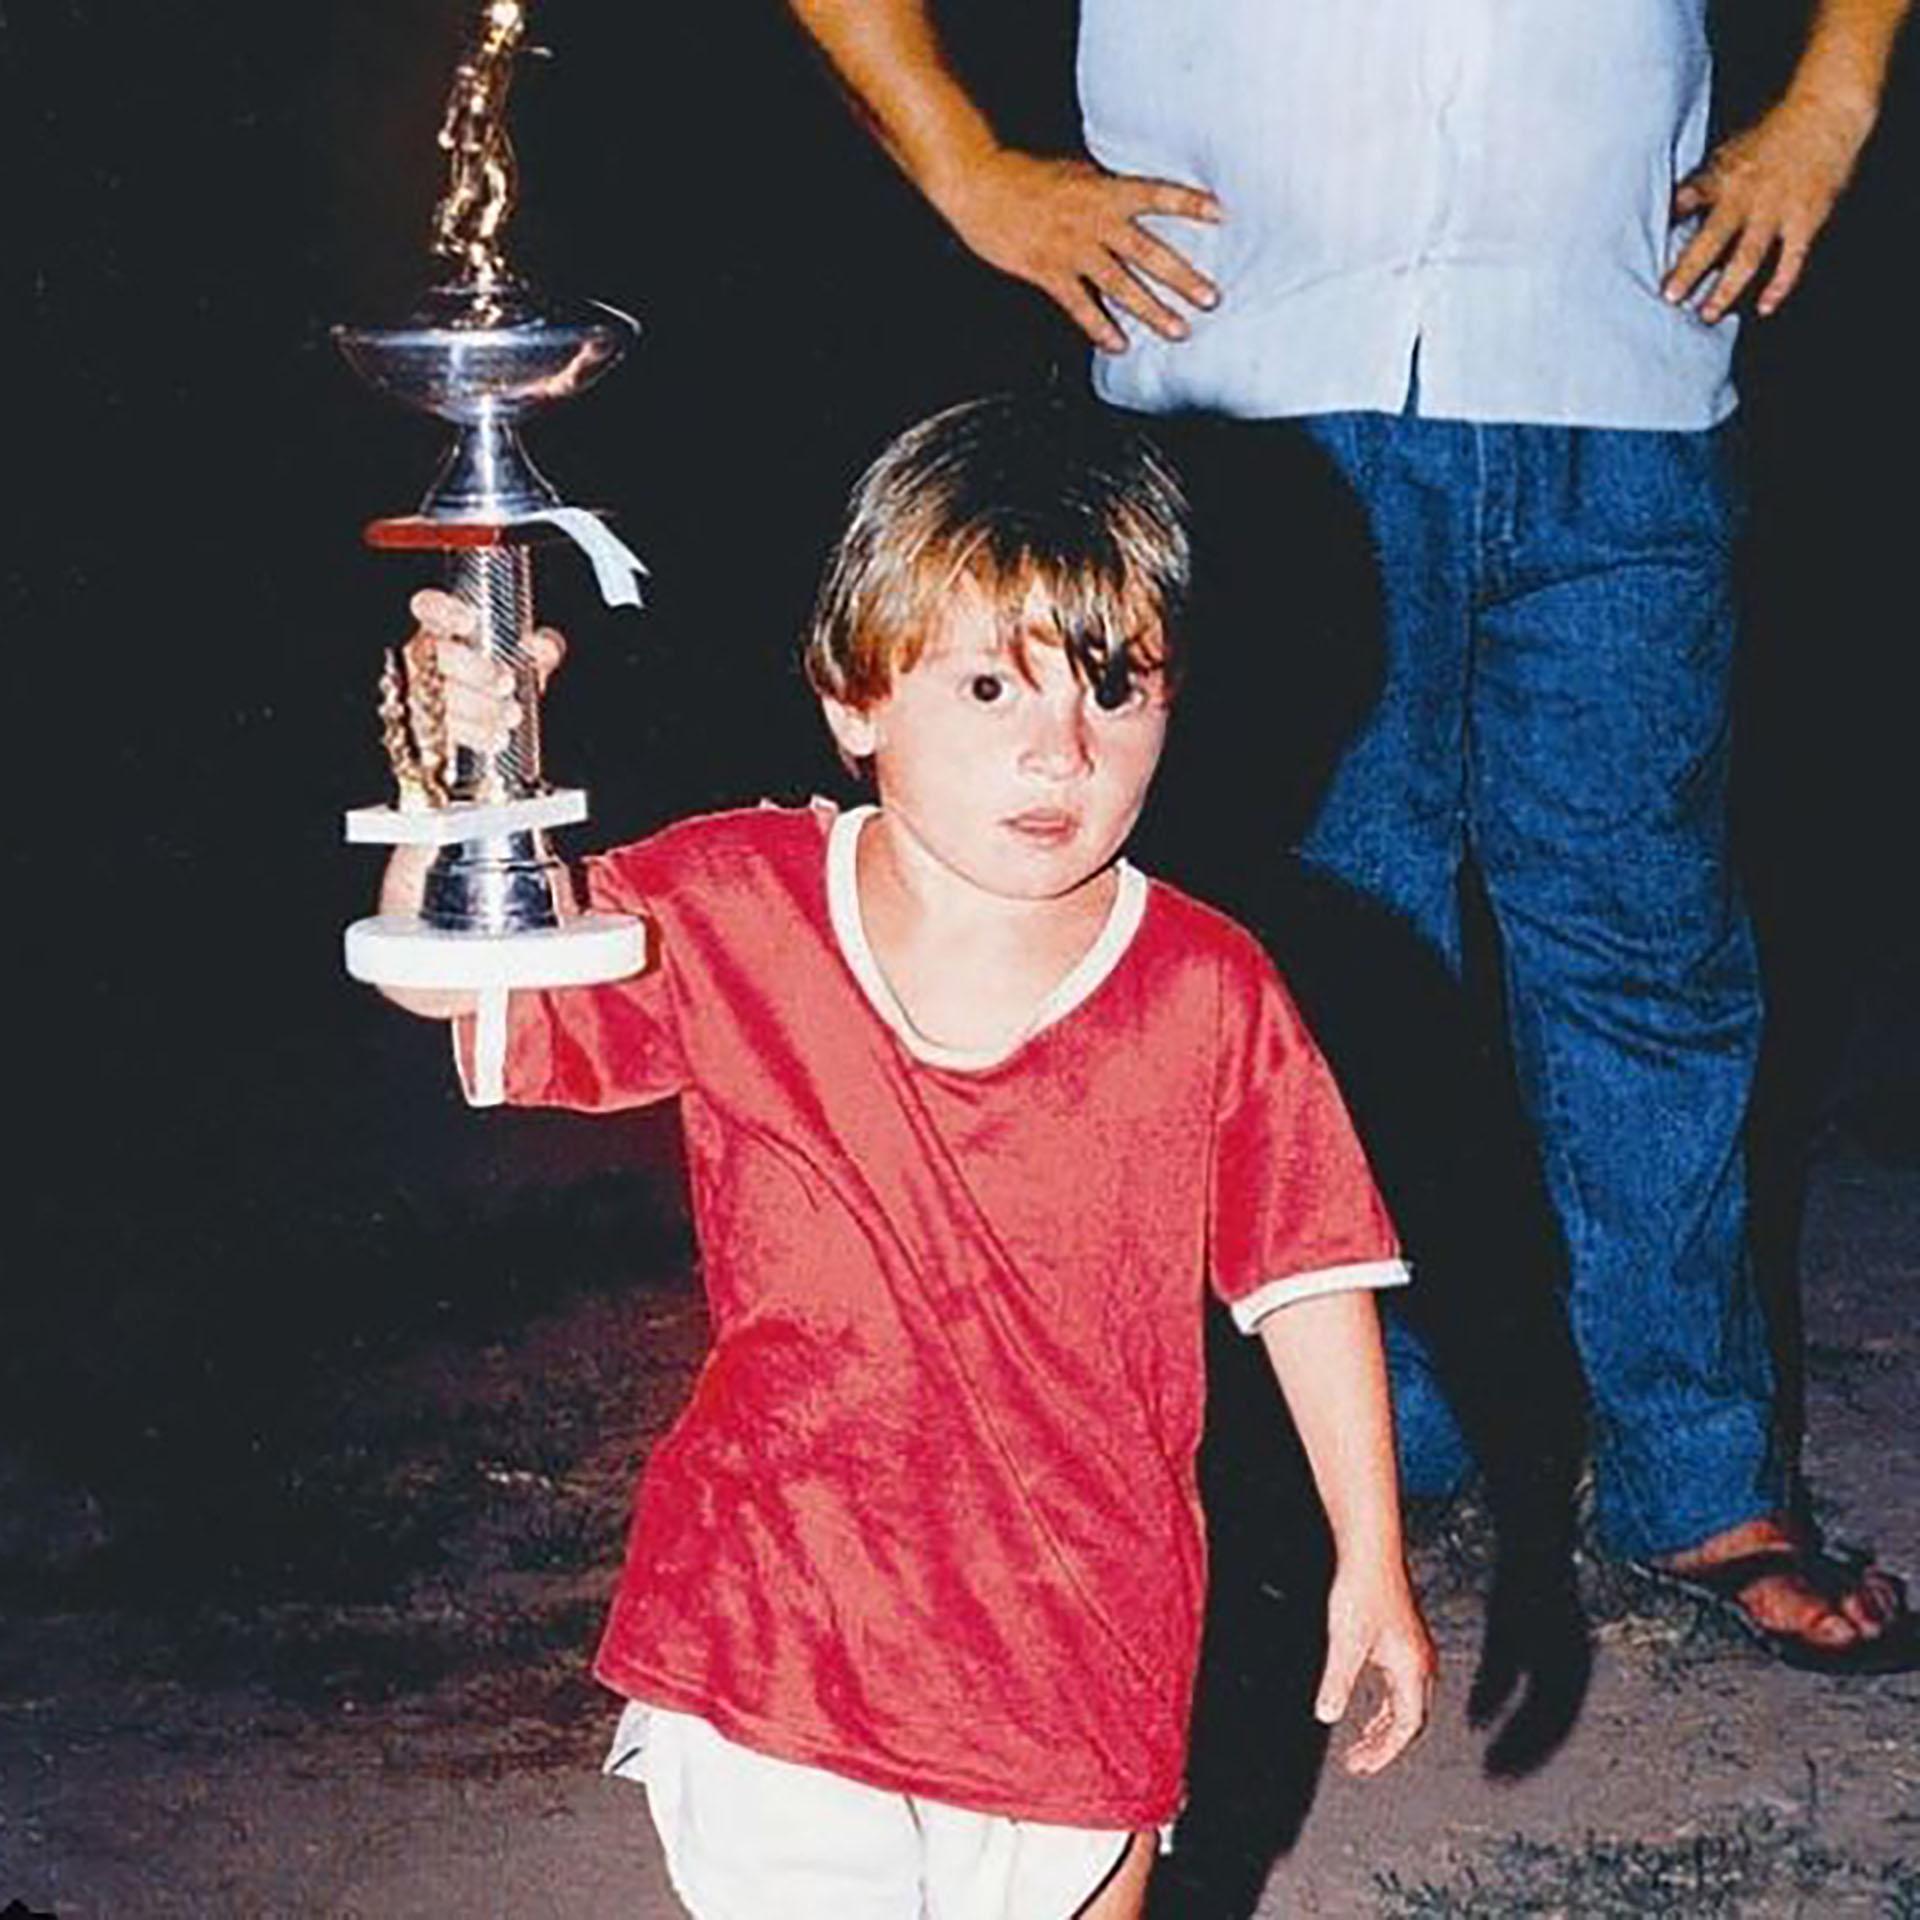 Lionel Messi ganando trofeos desde pequeño en Rosario